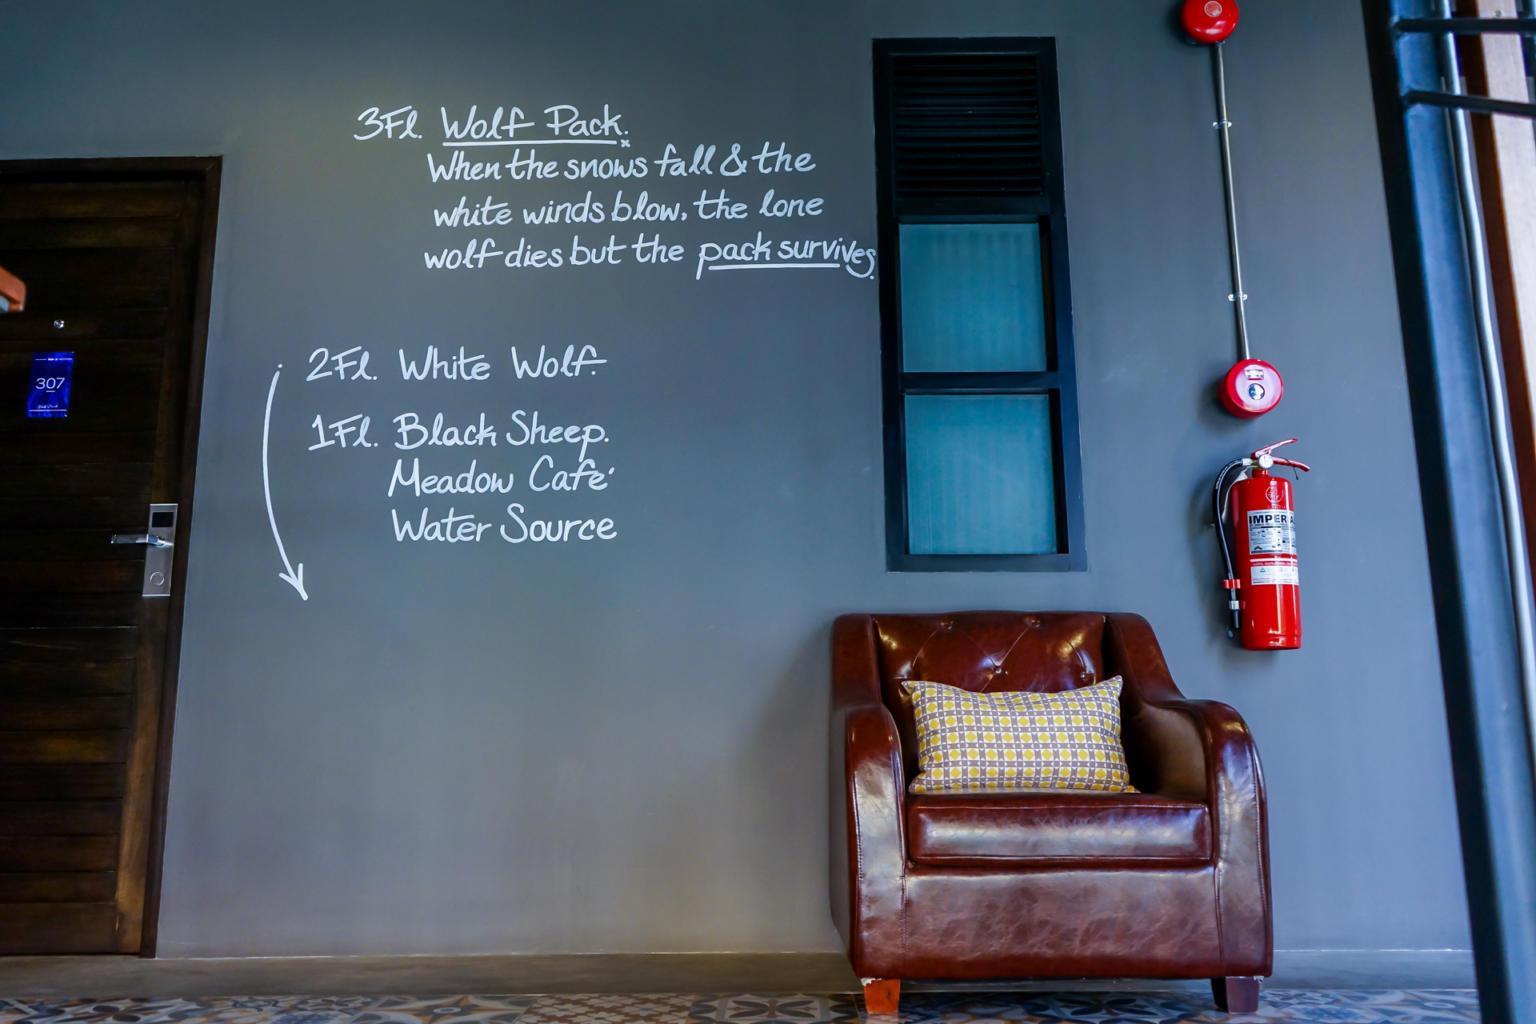 樓層間的灰藍色的牆面質感很好,放了一個復古沙發,配上剛剛好的鮮紅滅火器,畫面很好看!